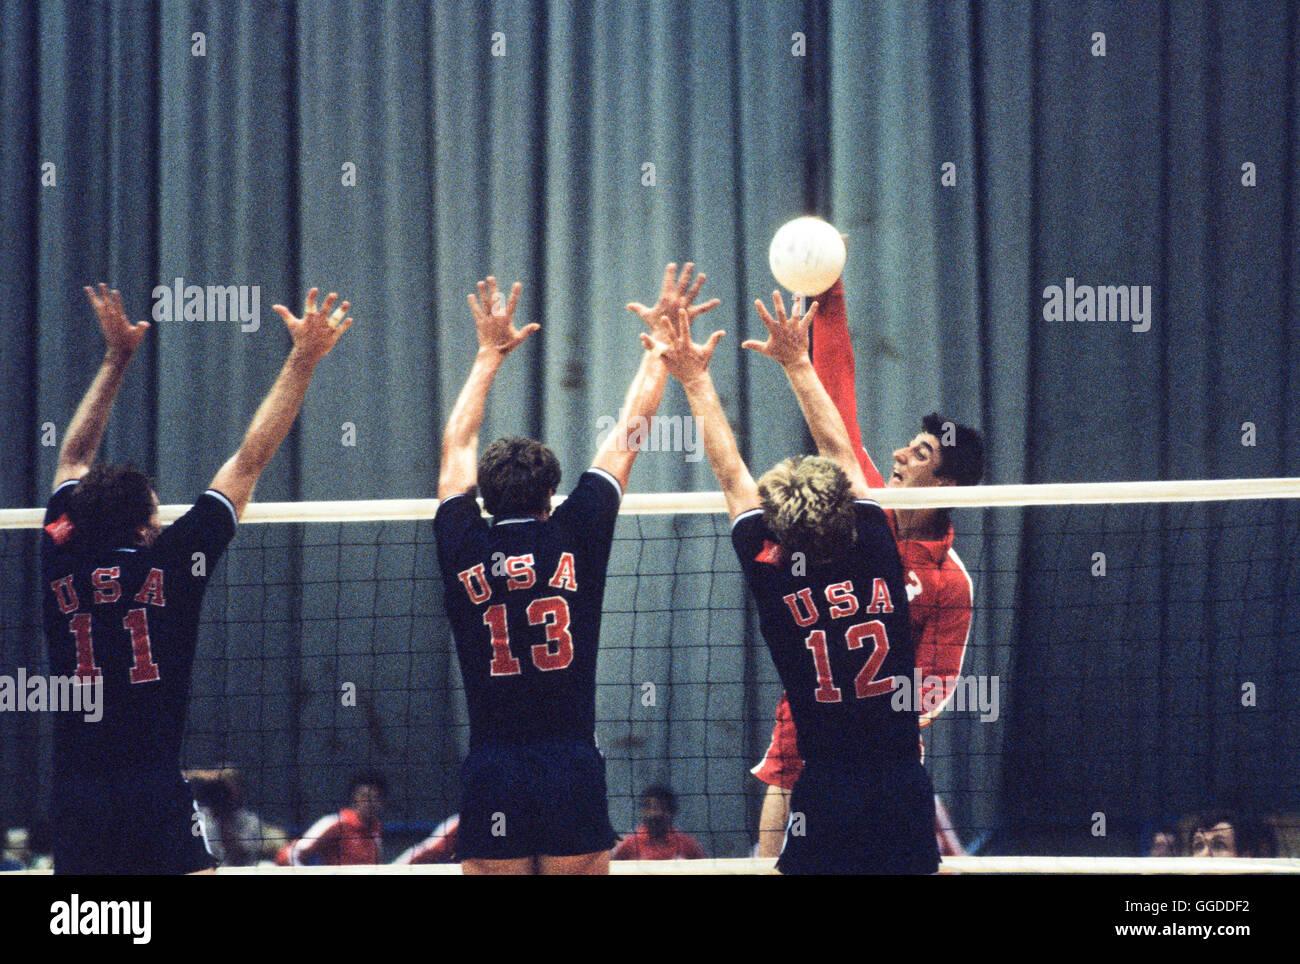 Stati Uniti d'America uomini 1984 Olympic squadra di pallavolo in azione a Long Beach Arena Immagini Stock